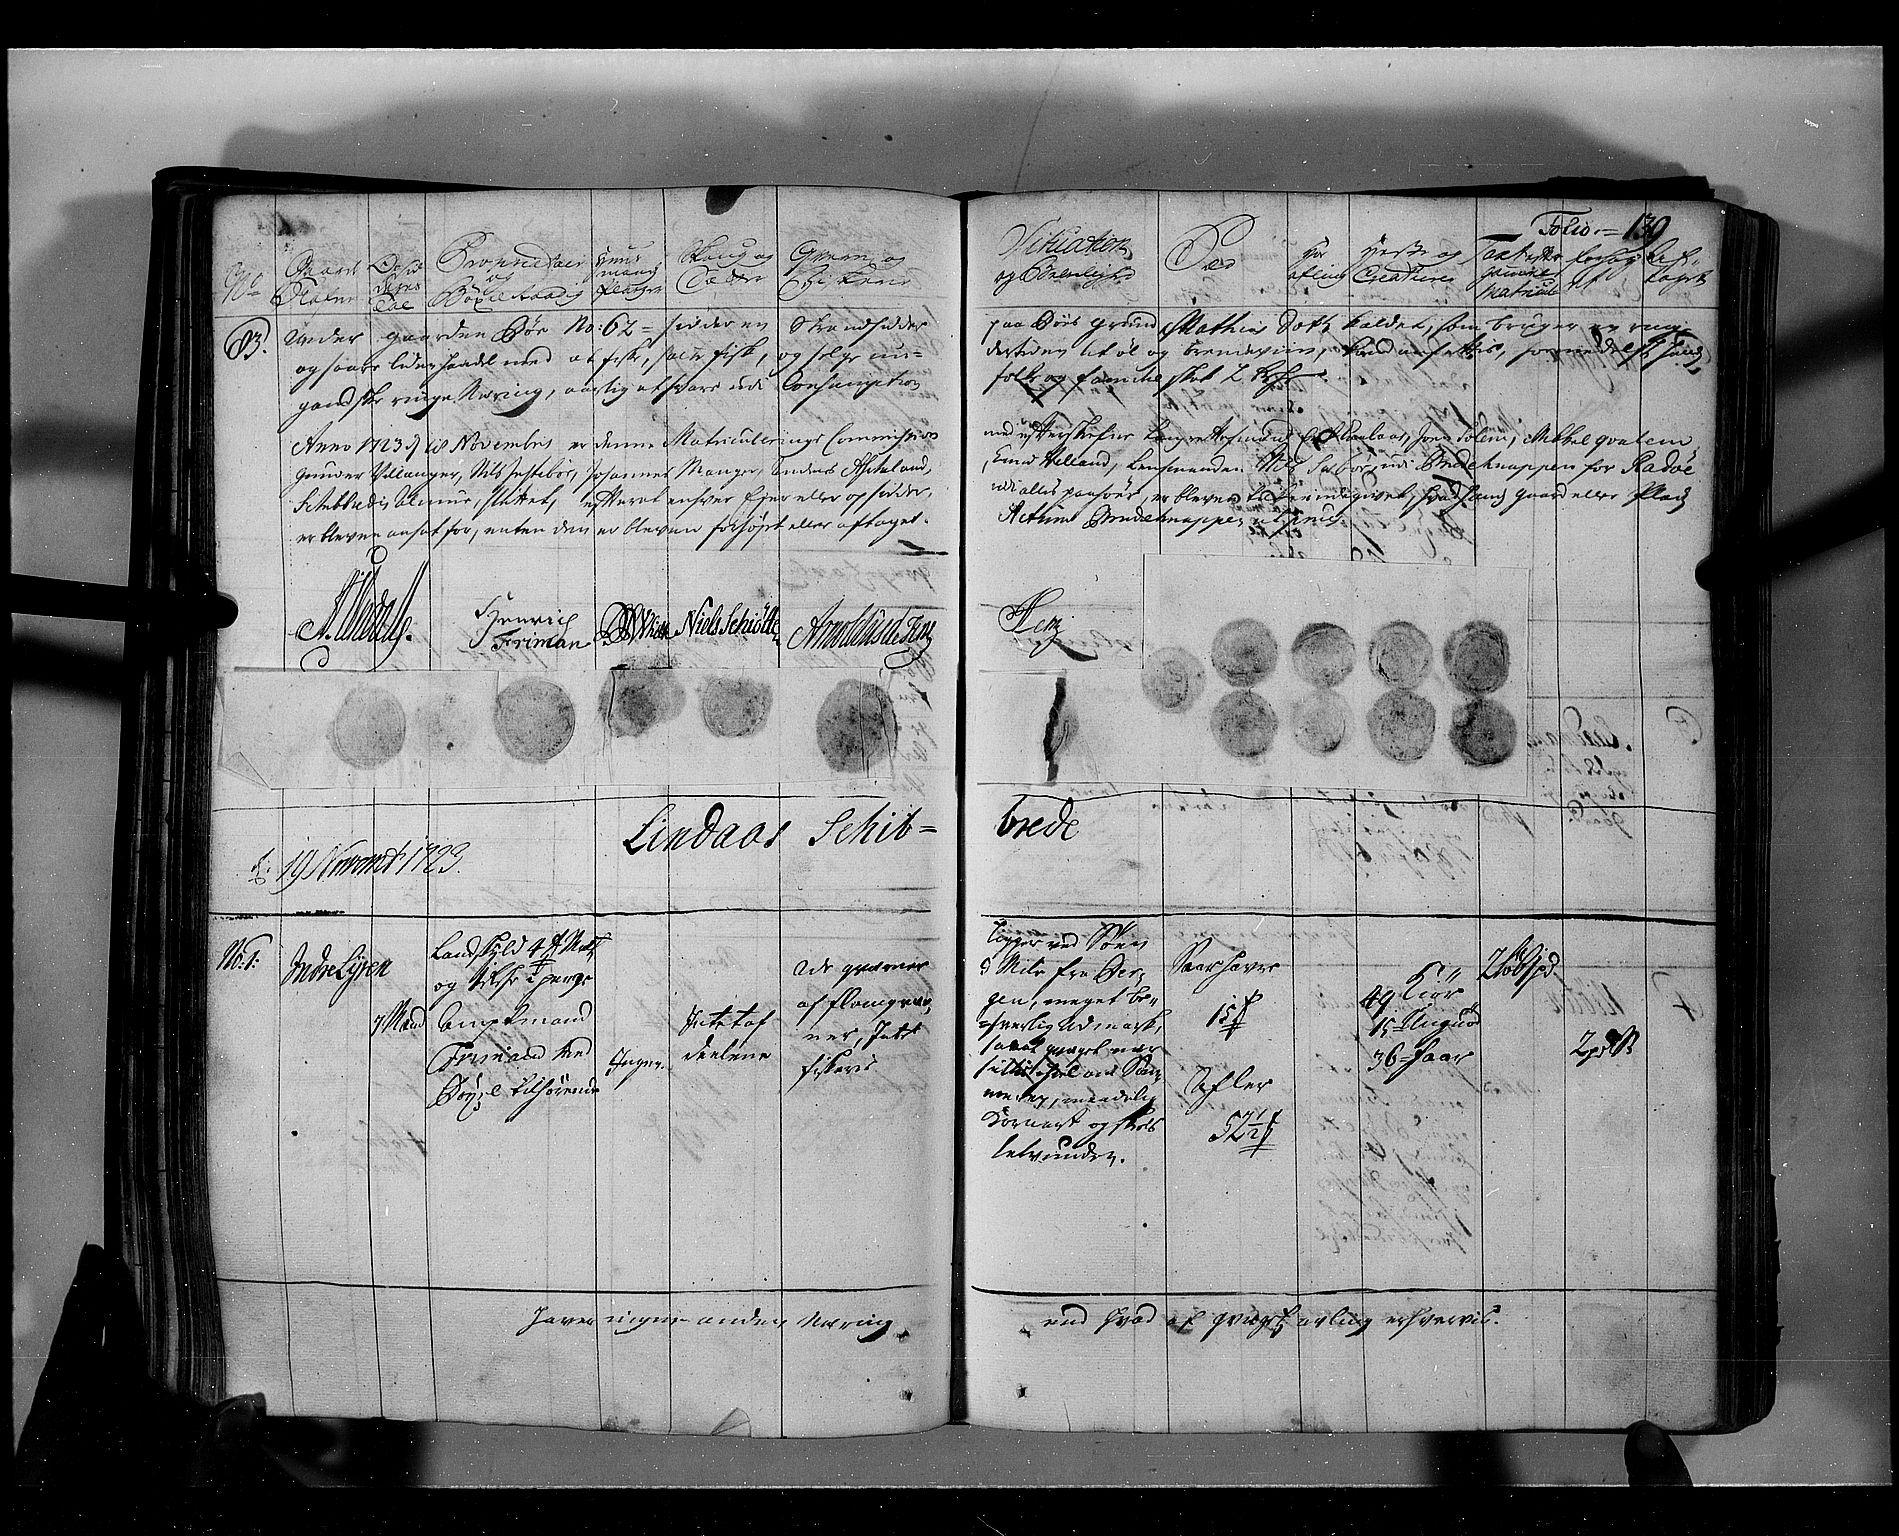 RA, Rentekammeret inntil 1814, Realistisk ordnet avdeling, N/Nb/Nbf/L0139: Nordhordland eksaminasjonsprotokoll, 1723, s. 138b-139a